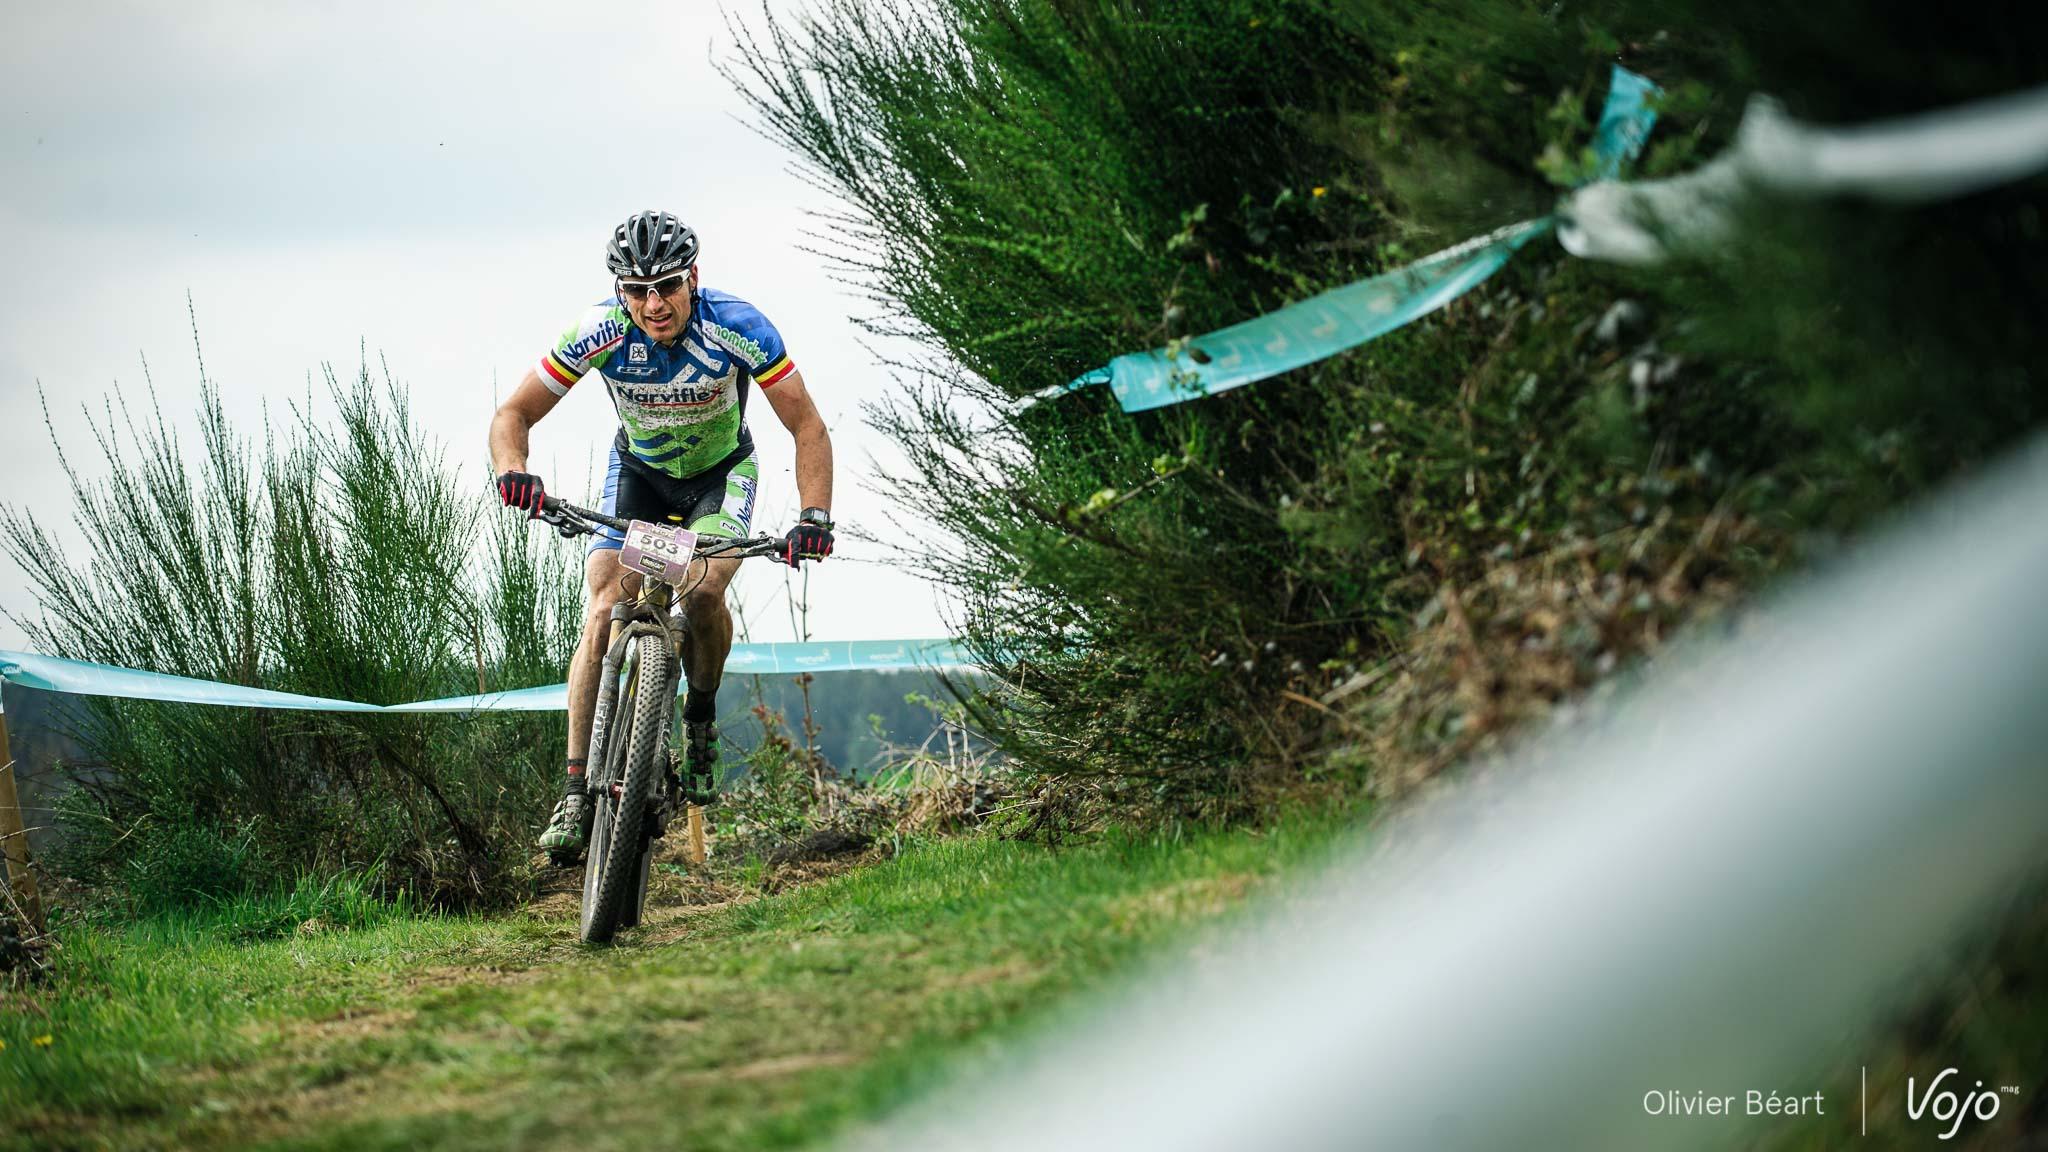 Roc_Ardenne_Marathon_Copyright_OBeart_VojoMag-20